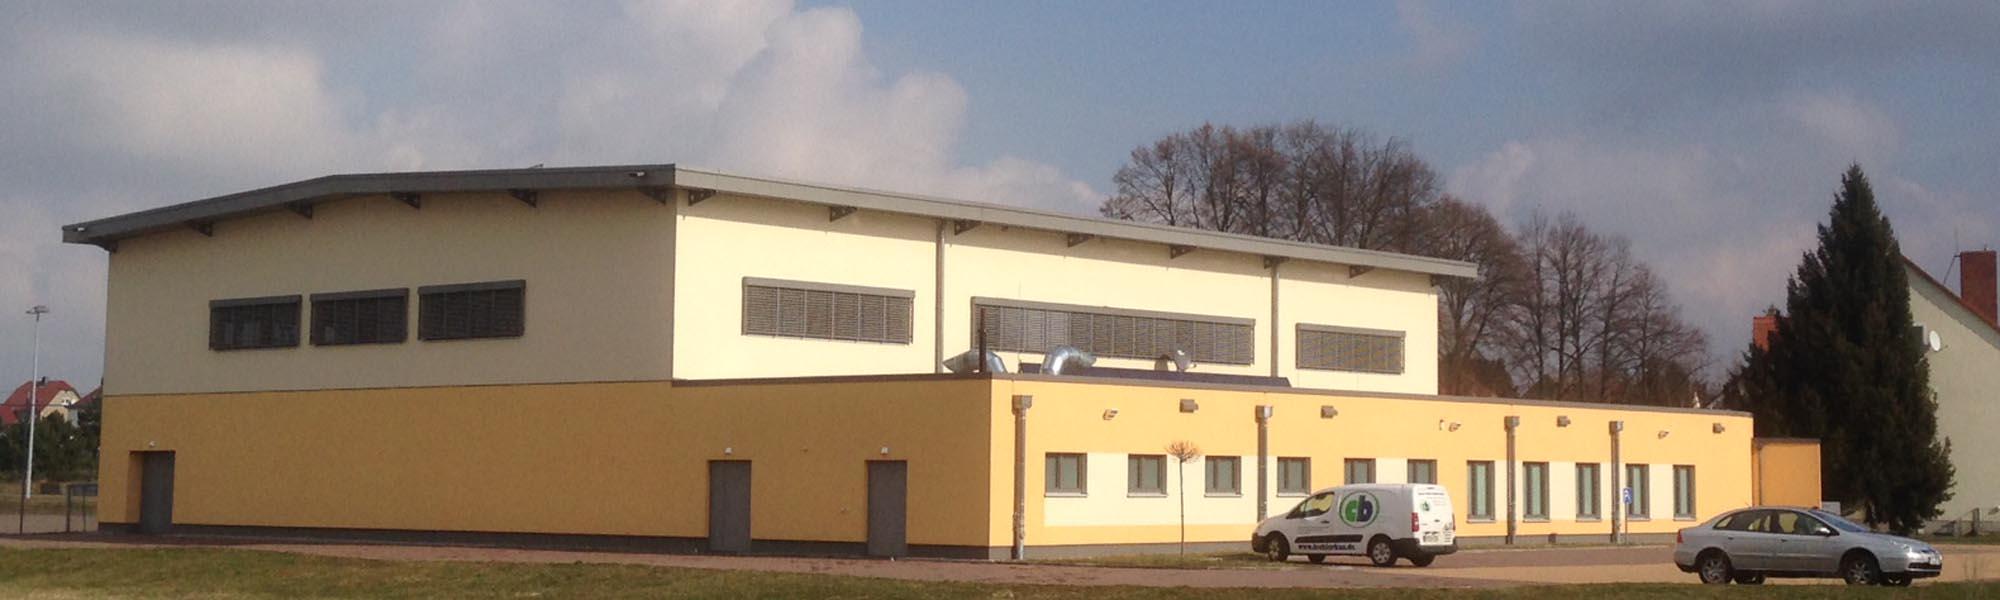 Firmengebäude Bichlerbau Döbeln